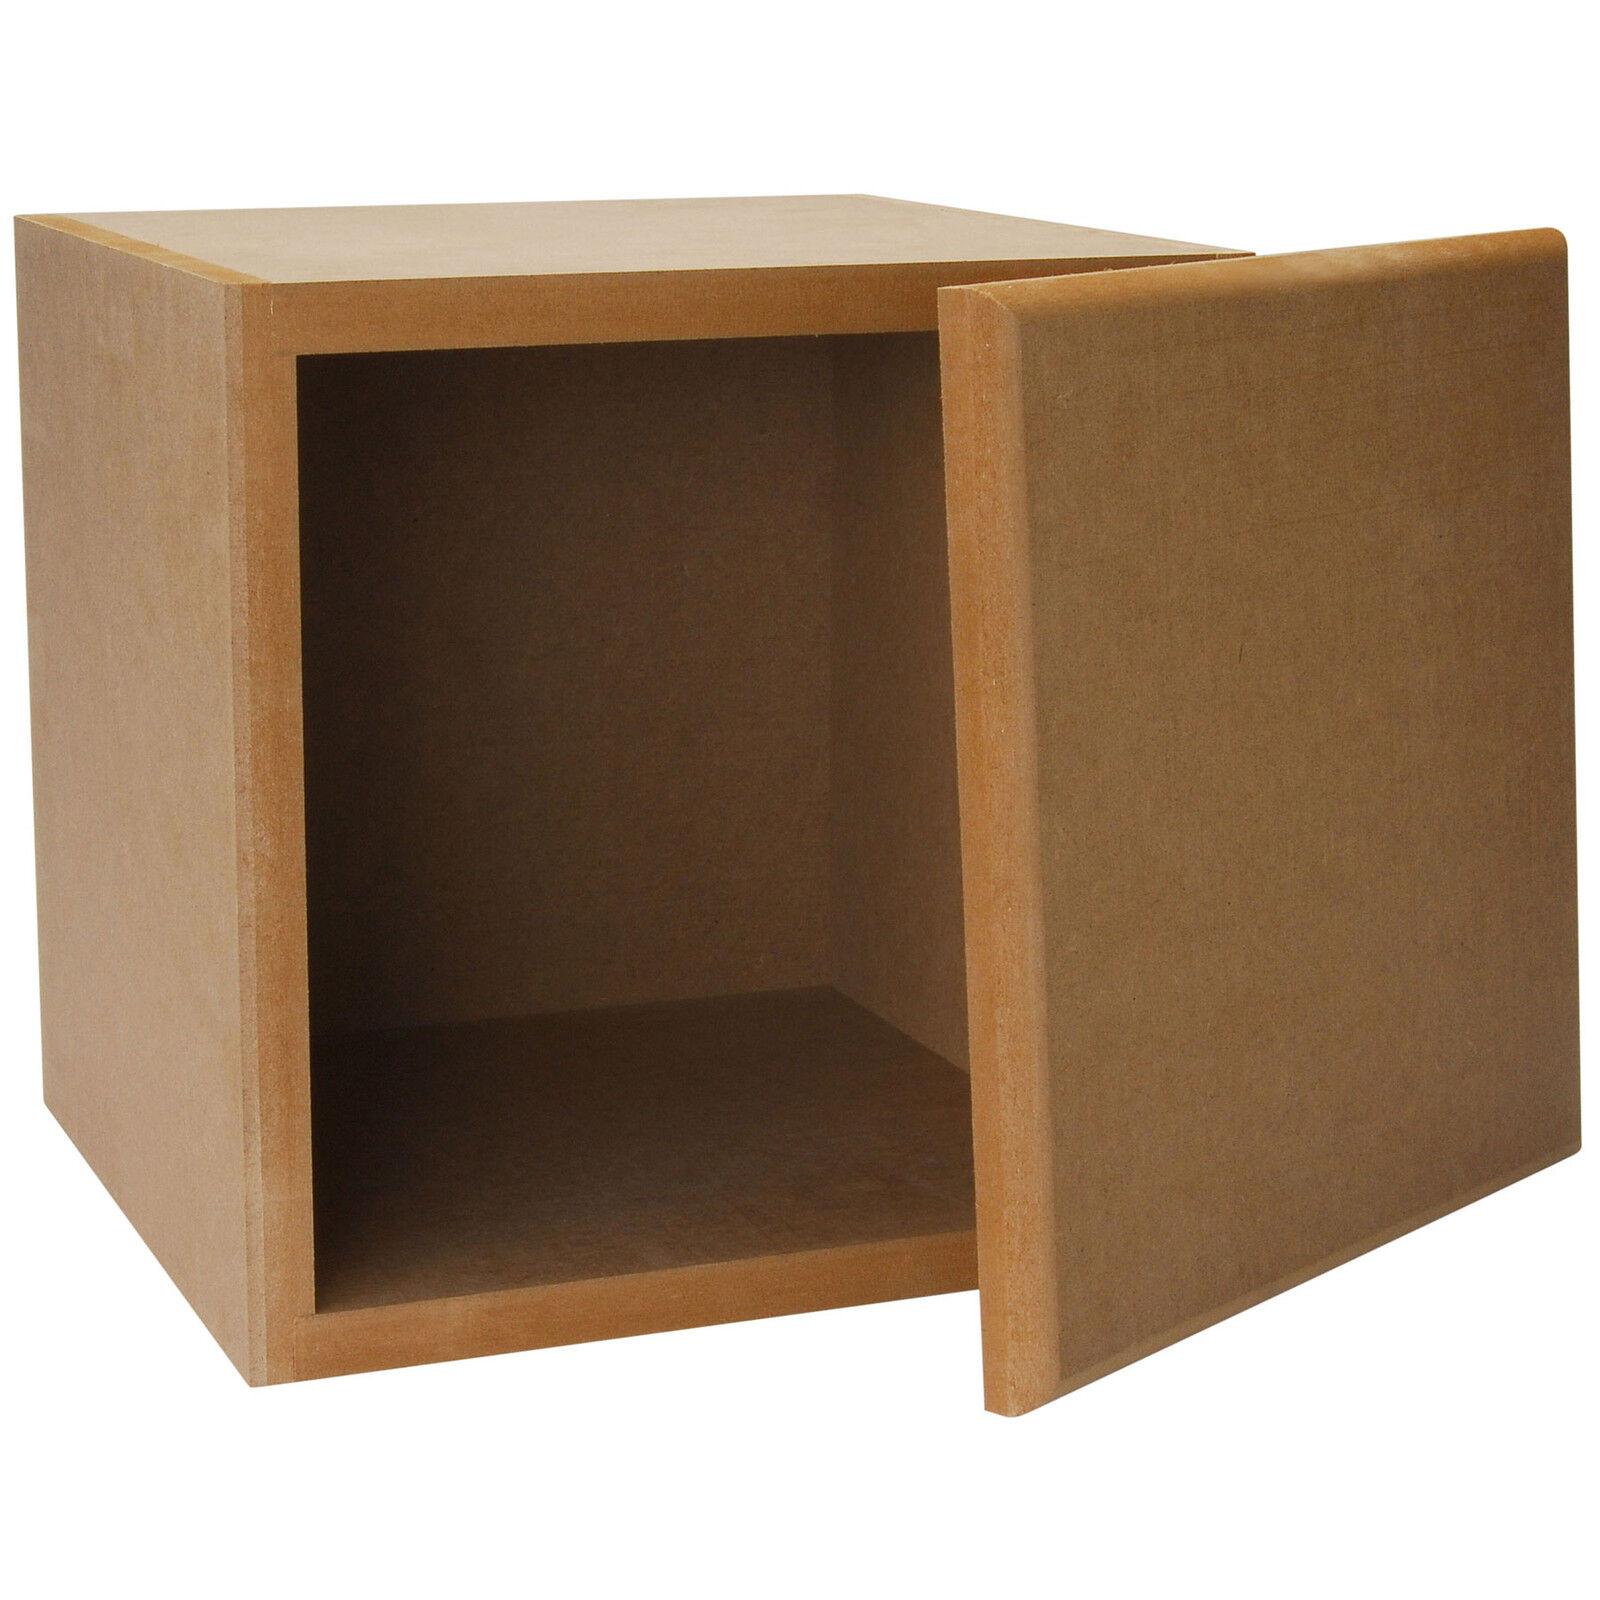 Knockdown Kitchen Cabinets: Knock-Down MDF 0.67 Ft³ Subwoofer Cabinet